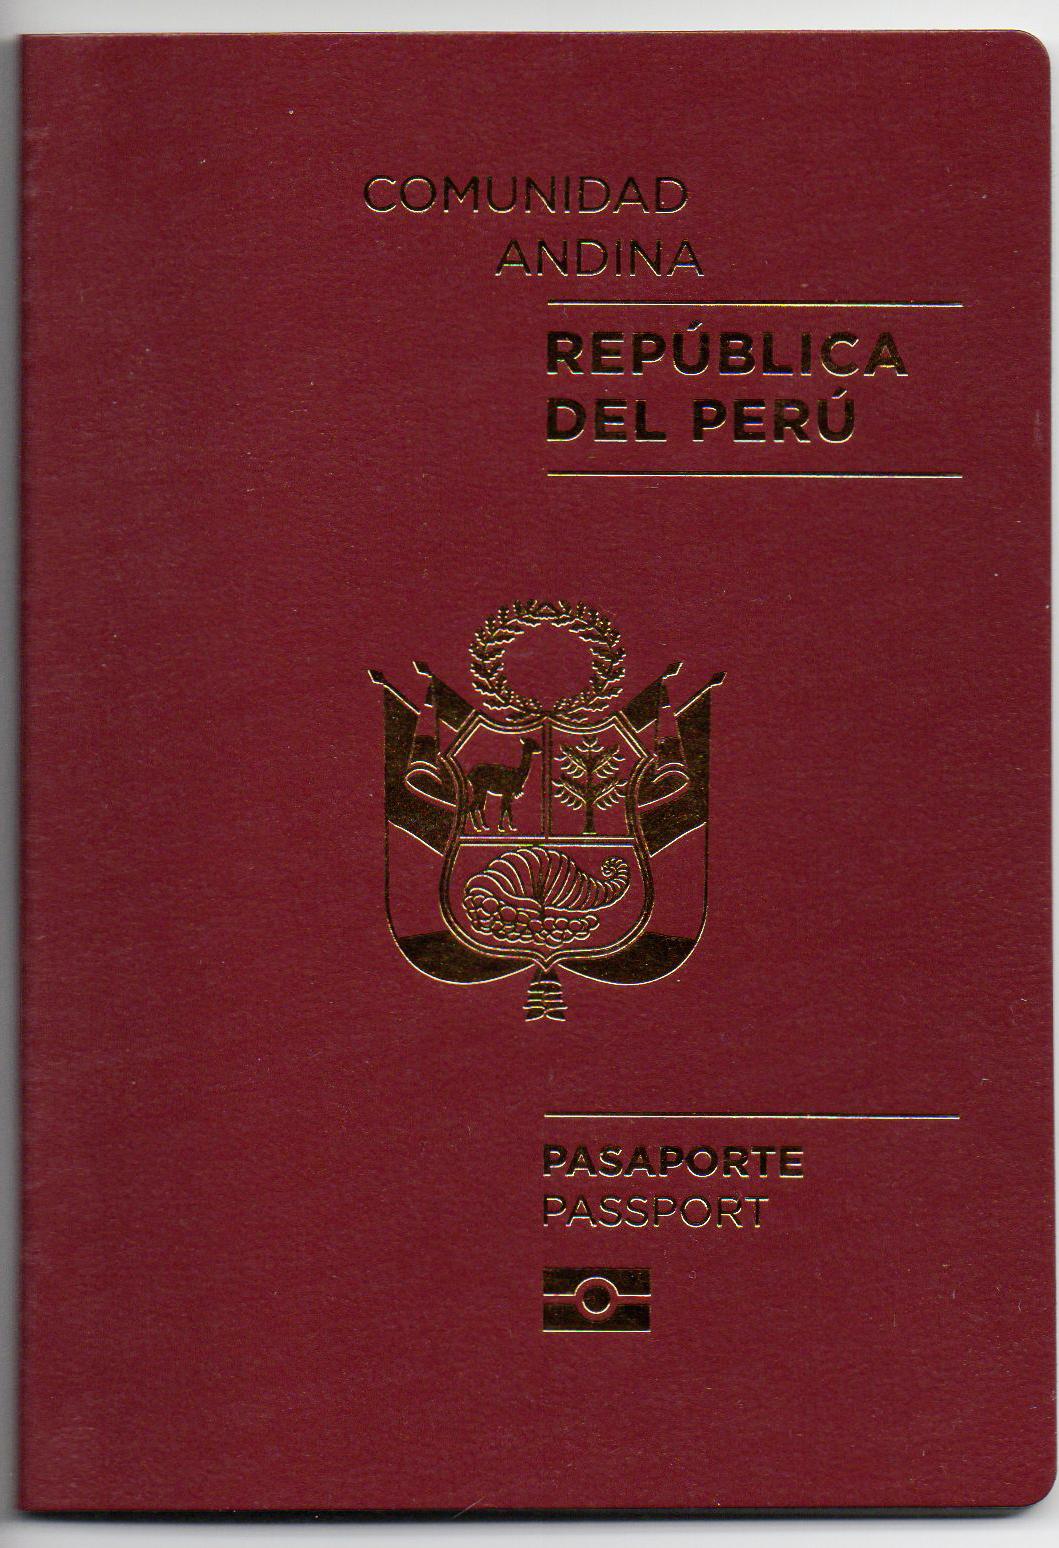 Archivo:Pasaporte Peruano.jpg - Wikipedia, la enciclopedia libre